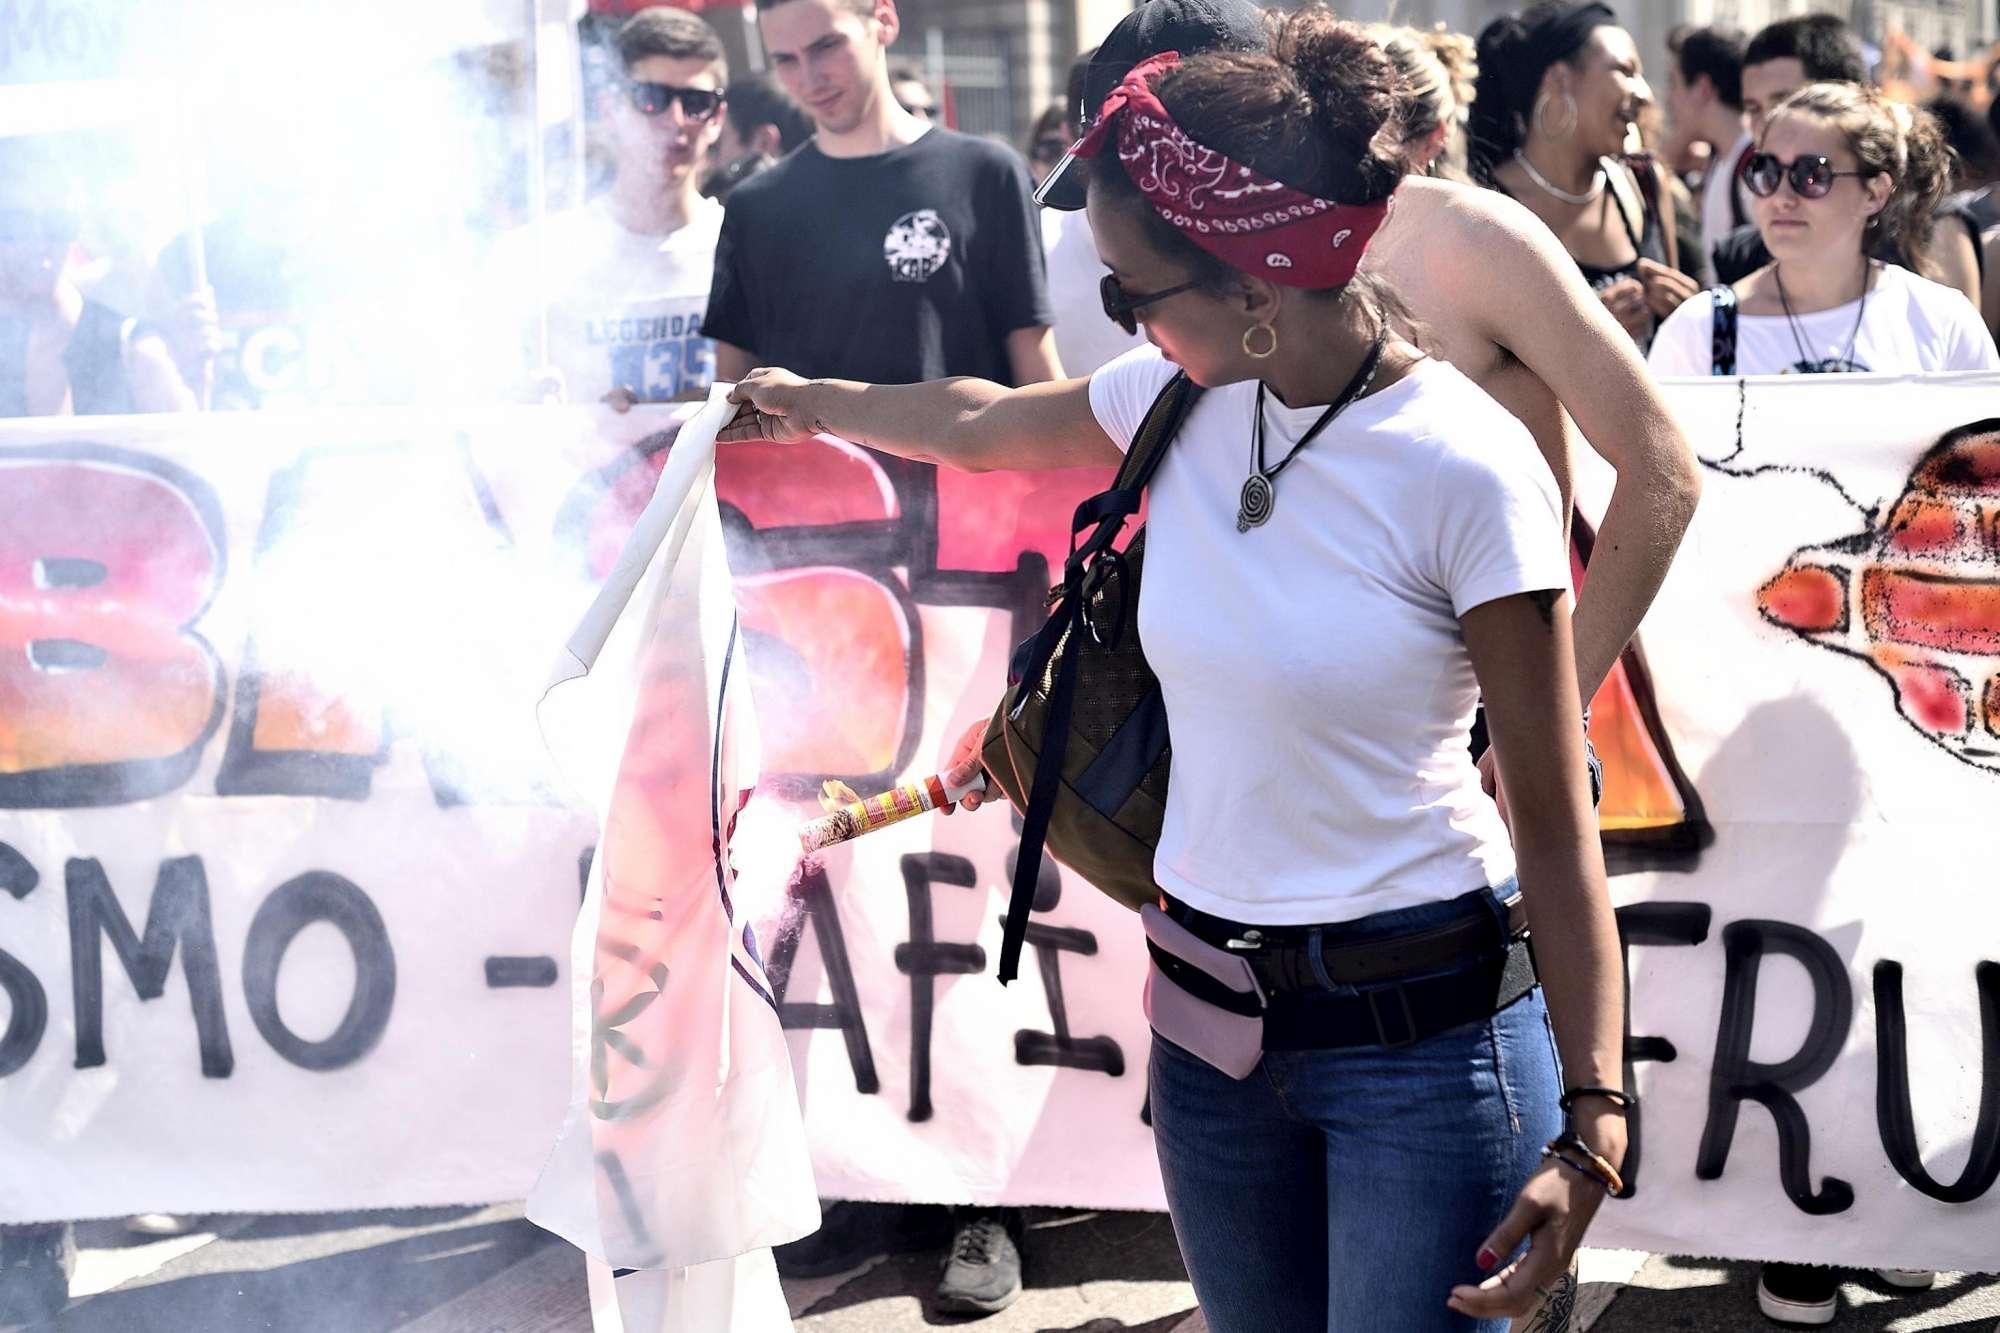 Milano, corteo per ricordare il migrante ucciso: bruciata bandiera della Lega